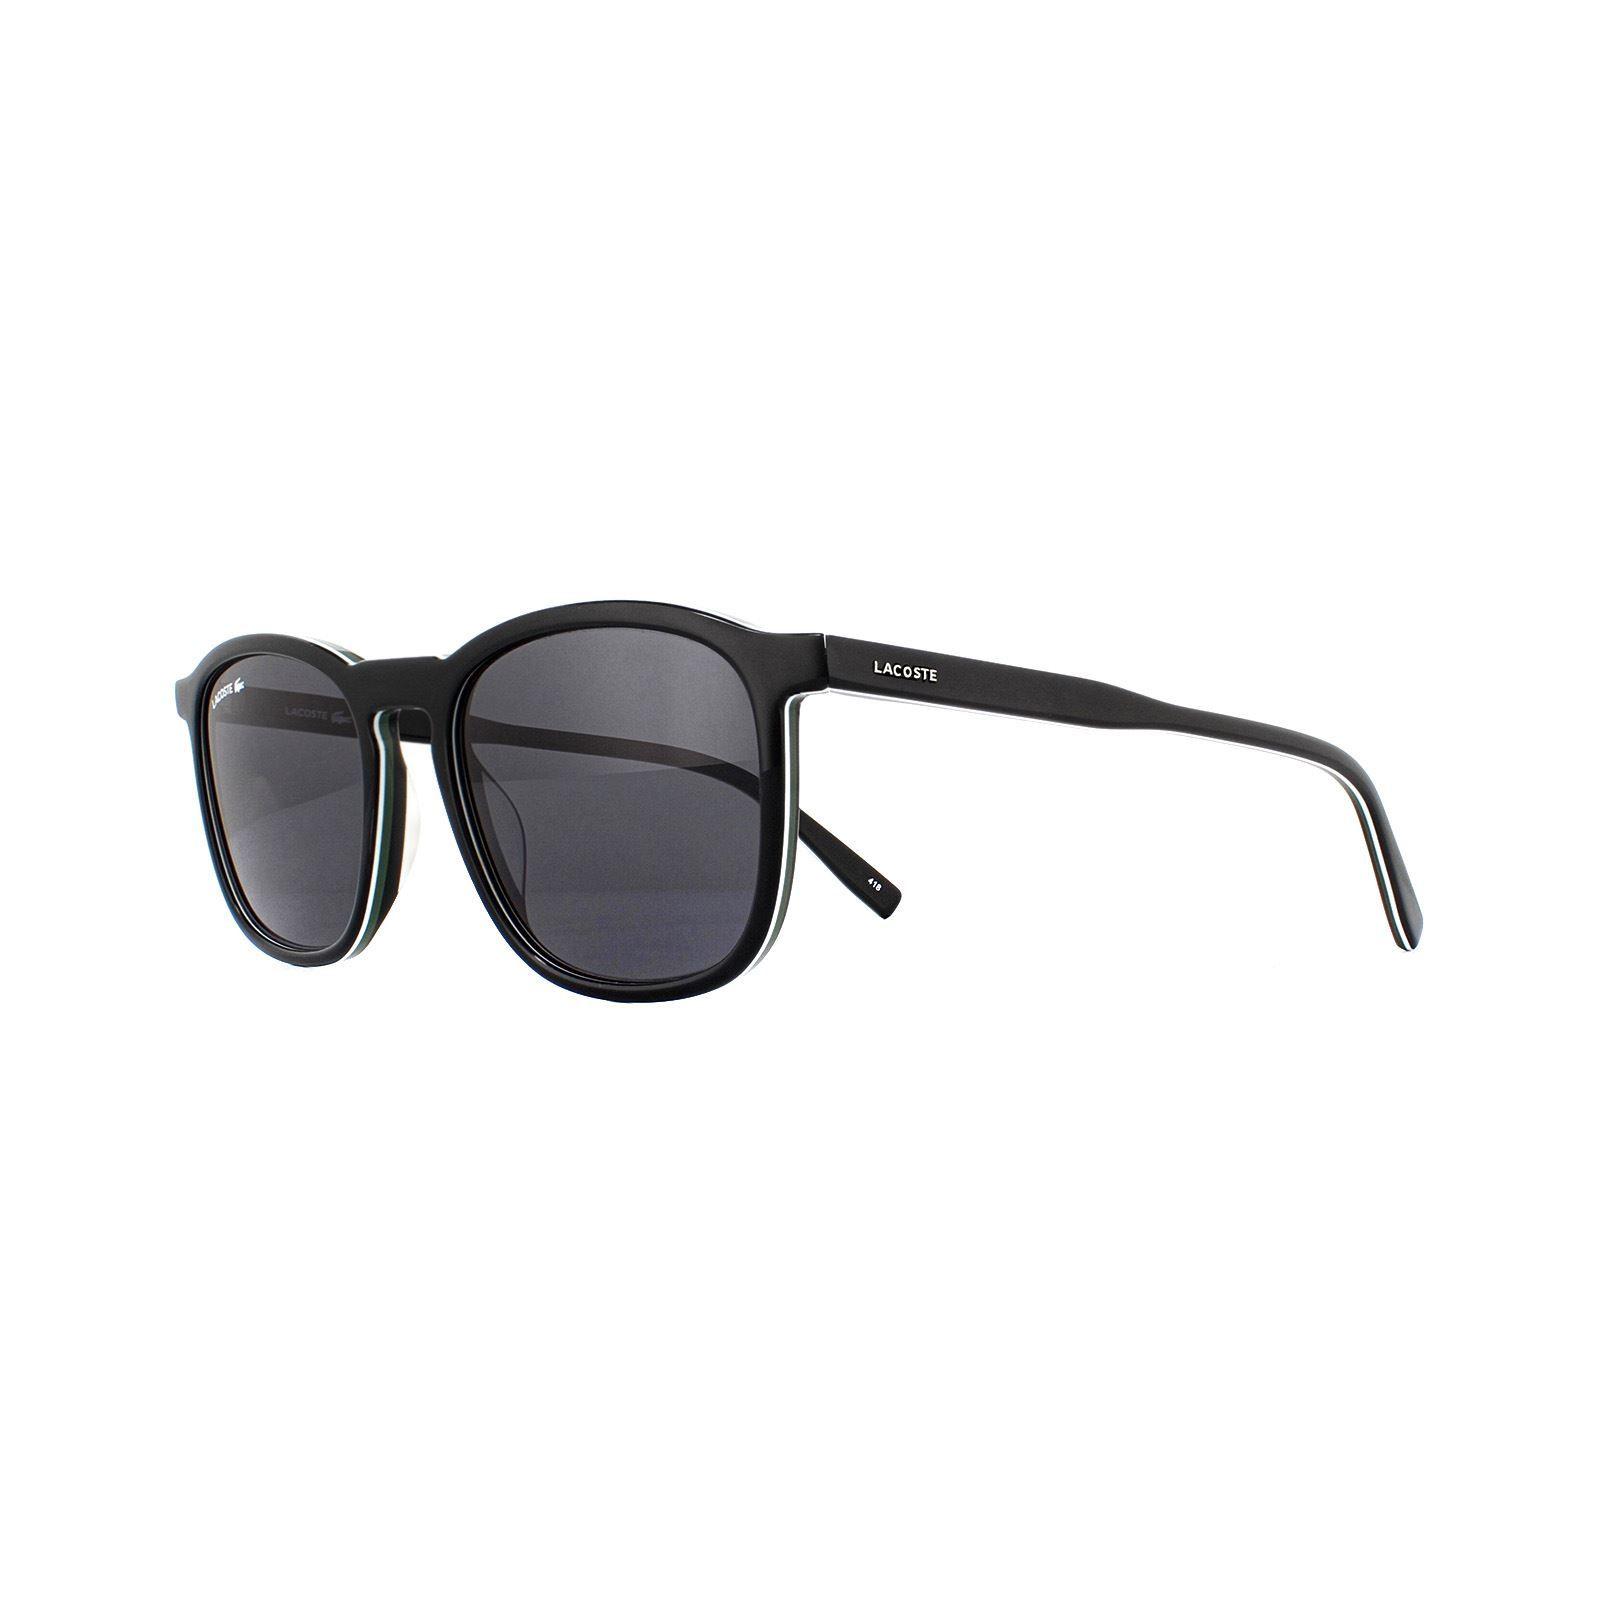 Lacoste Sunglasses L901S 001 Black White Green Grey